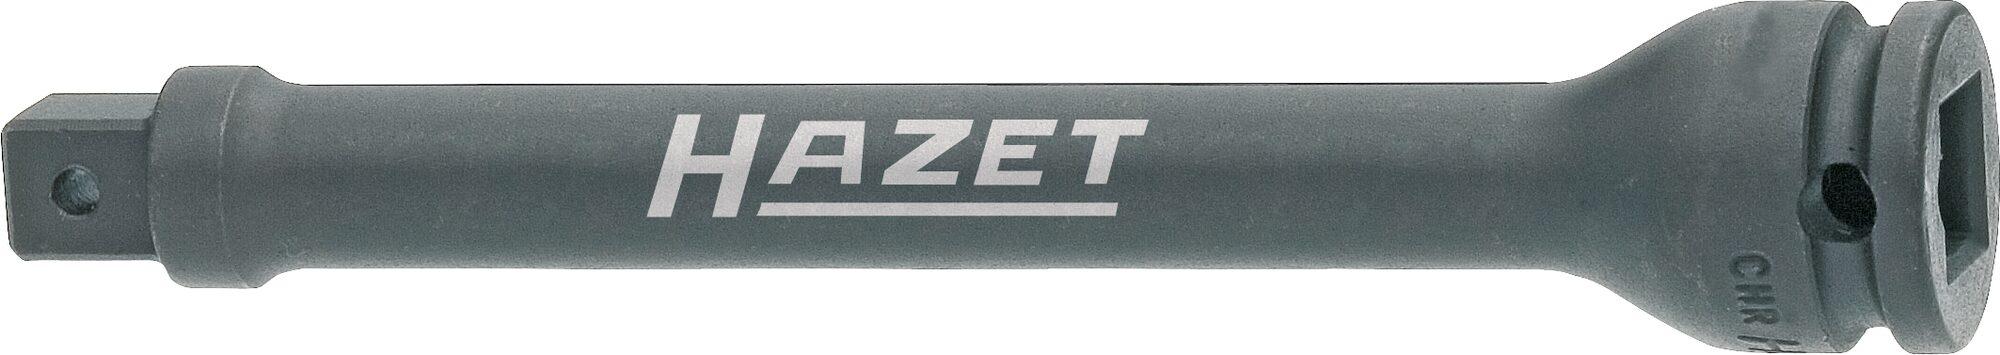 HAZET Schlag- ∙ Maschinenschrauber Verlängerung 8805S-6 ∙ Vierkant hohl 10 mm (3/8 Zoll)